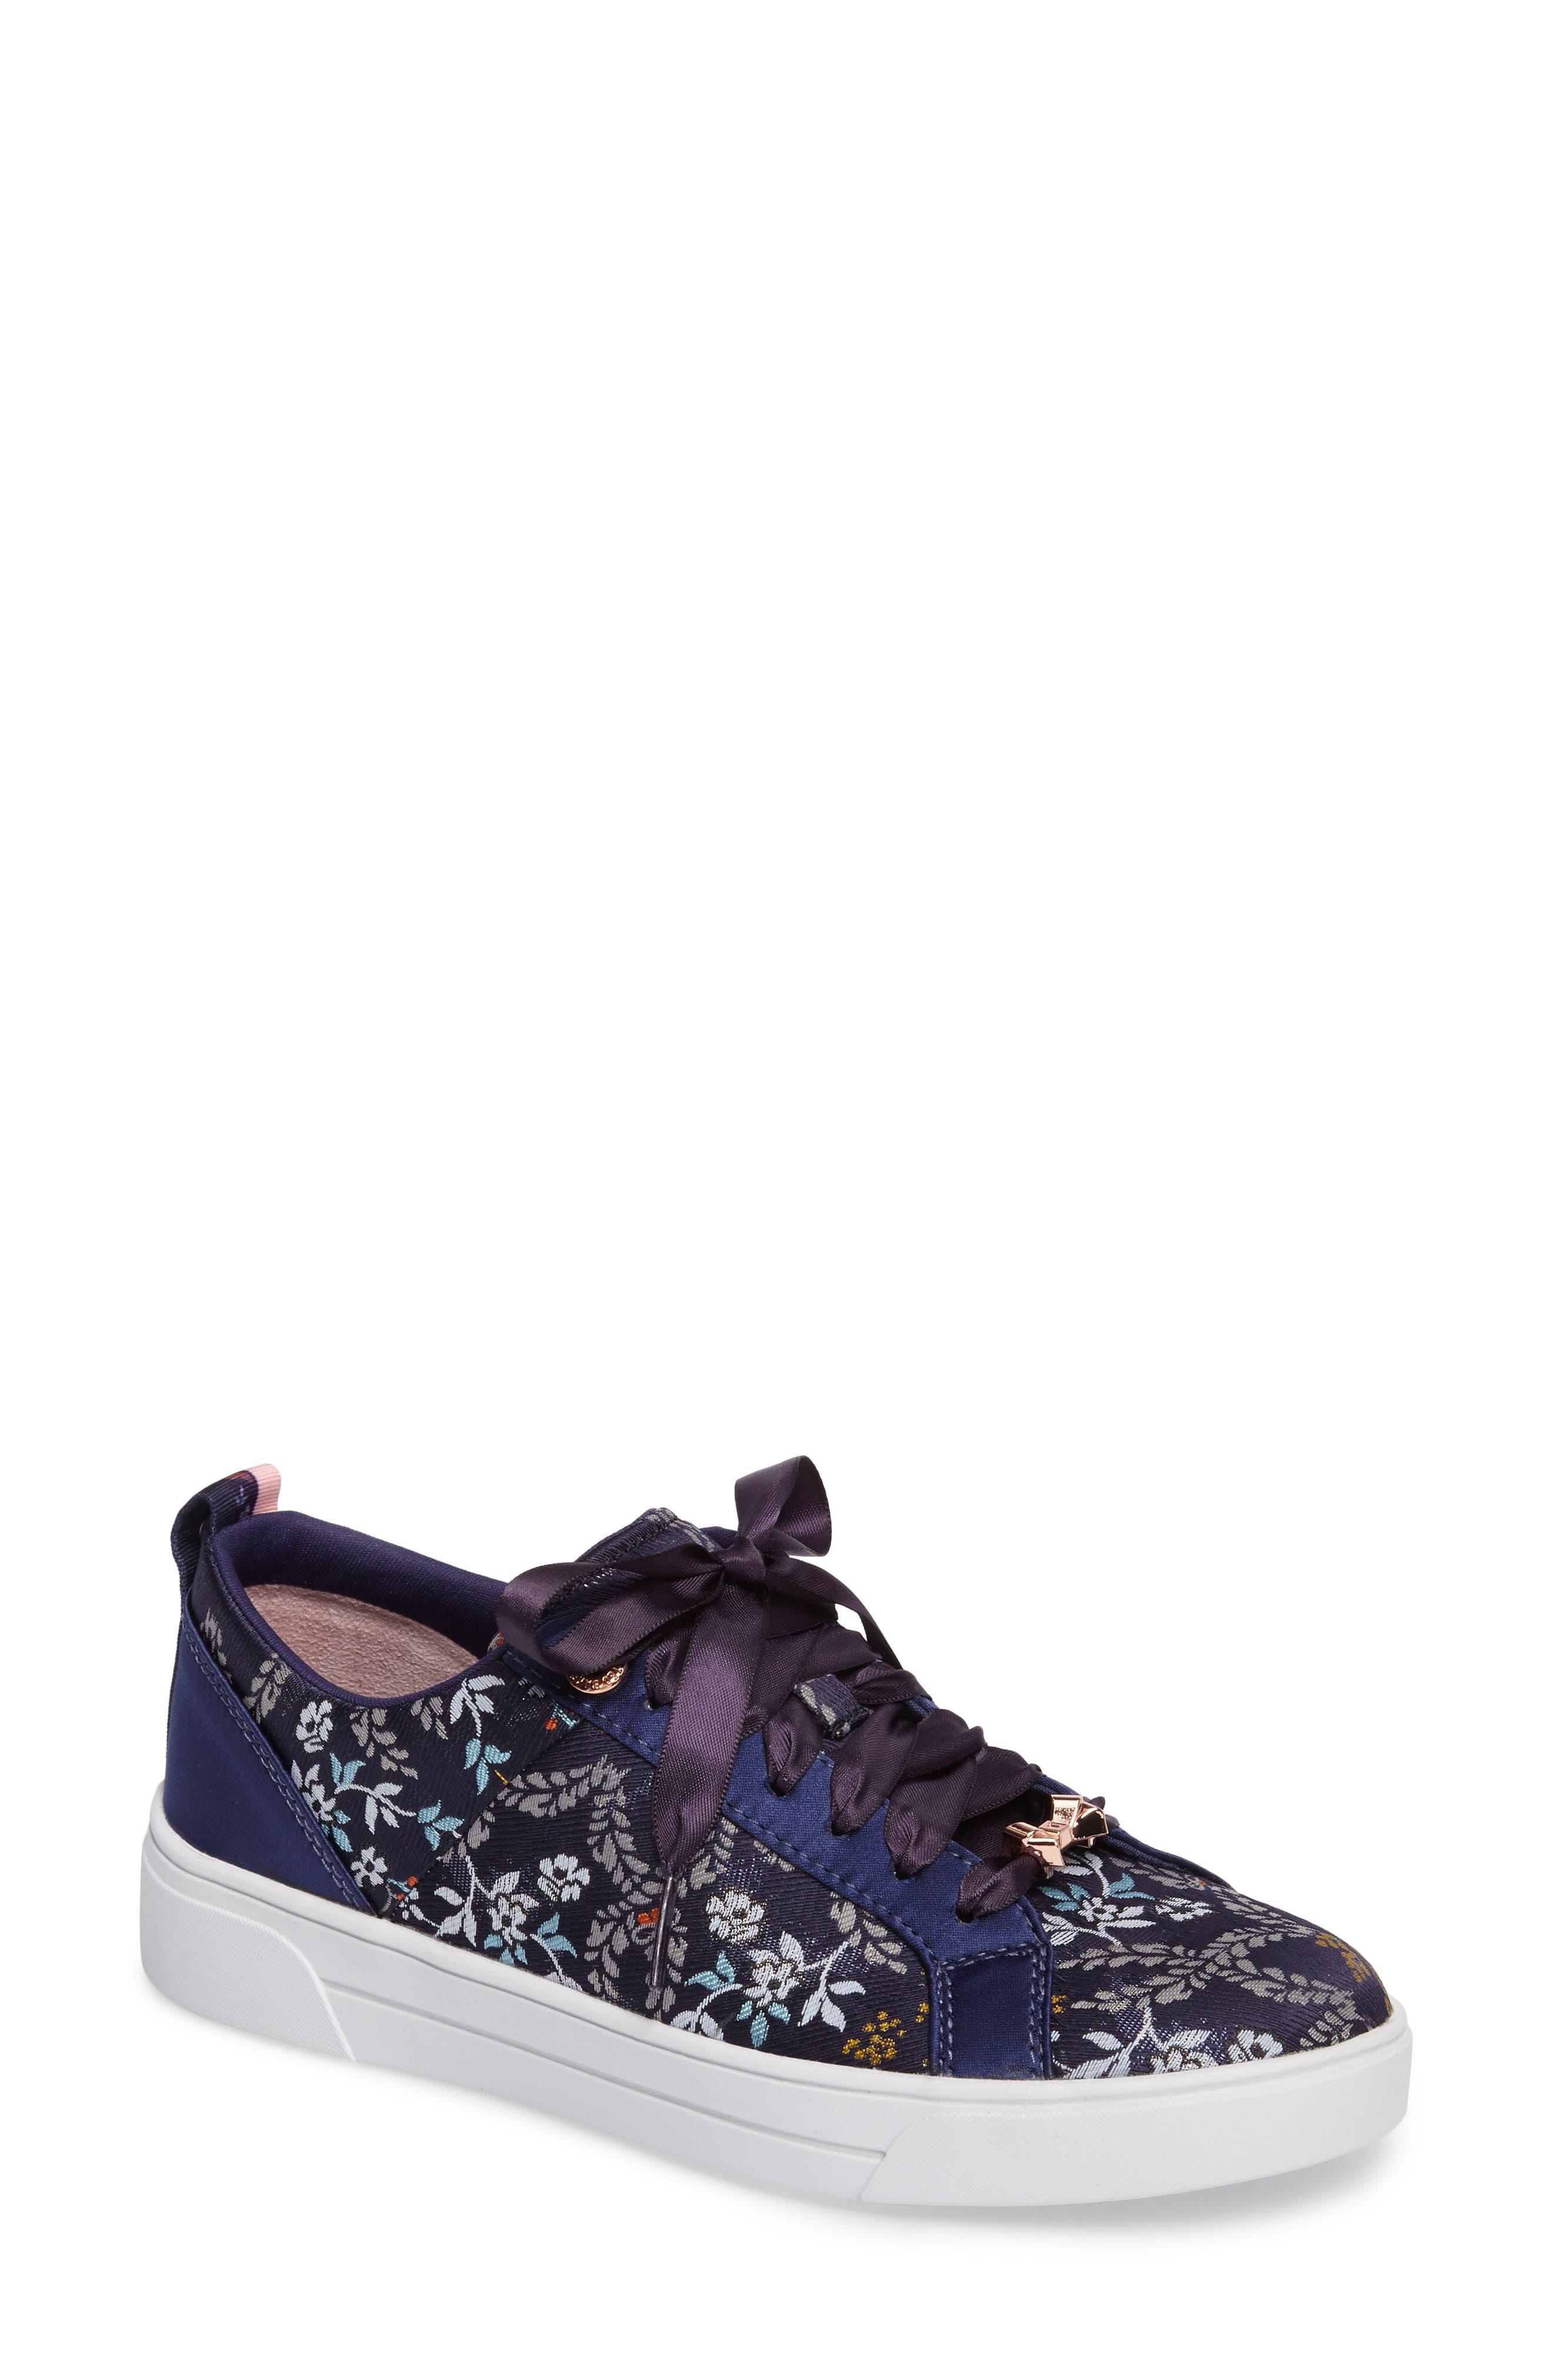 Main Image - Ted Baker London Sorcey Platform Sneaker (Women)